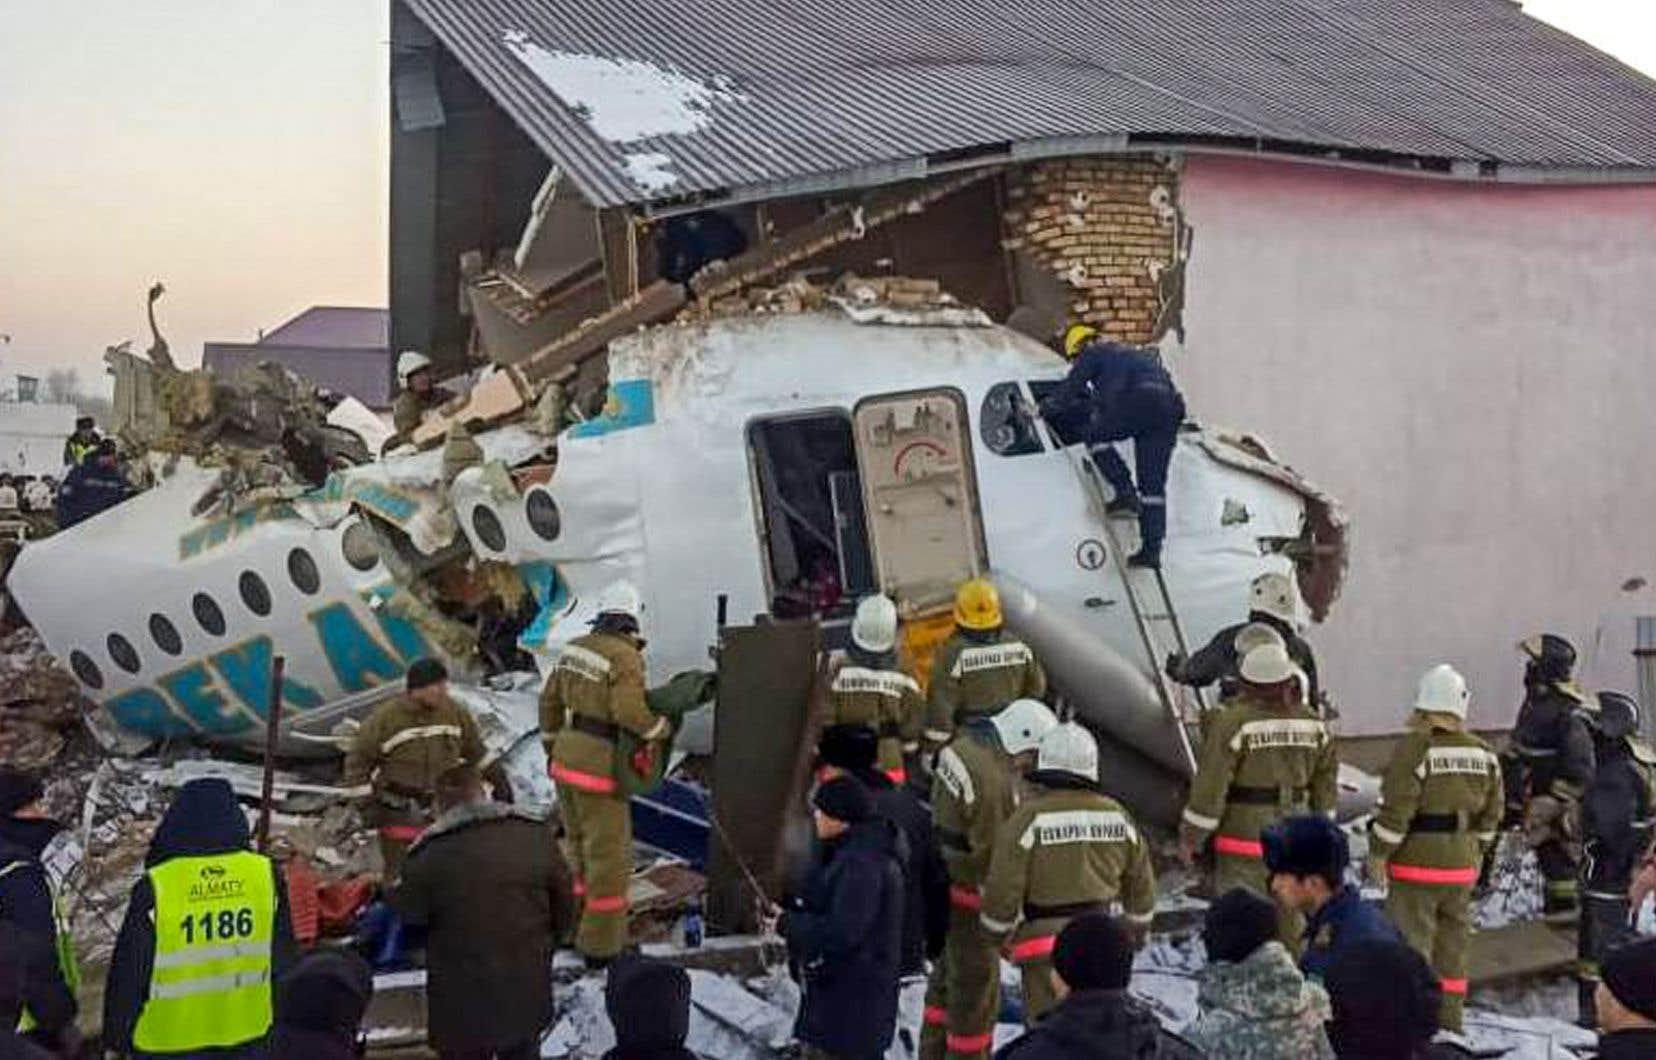 L'avion s'est écrasé dans une zone habitée, détruisant une maison, mais les autorités n'ont fait état d'aucune victime au sol.